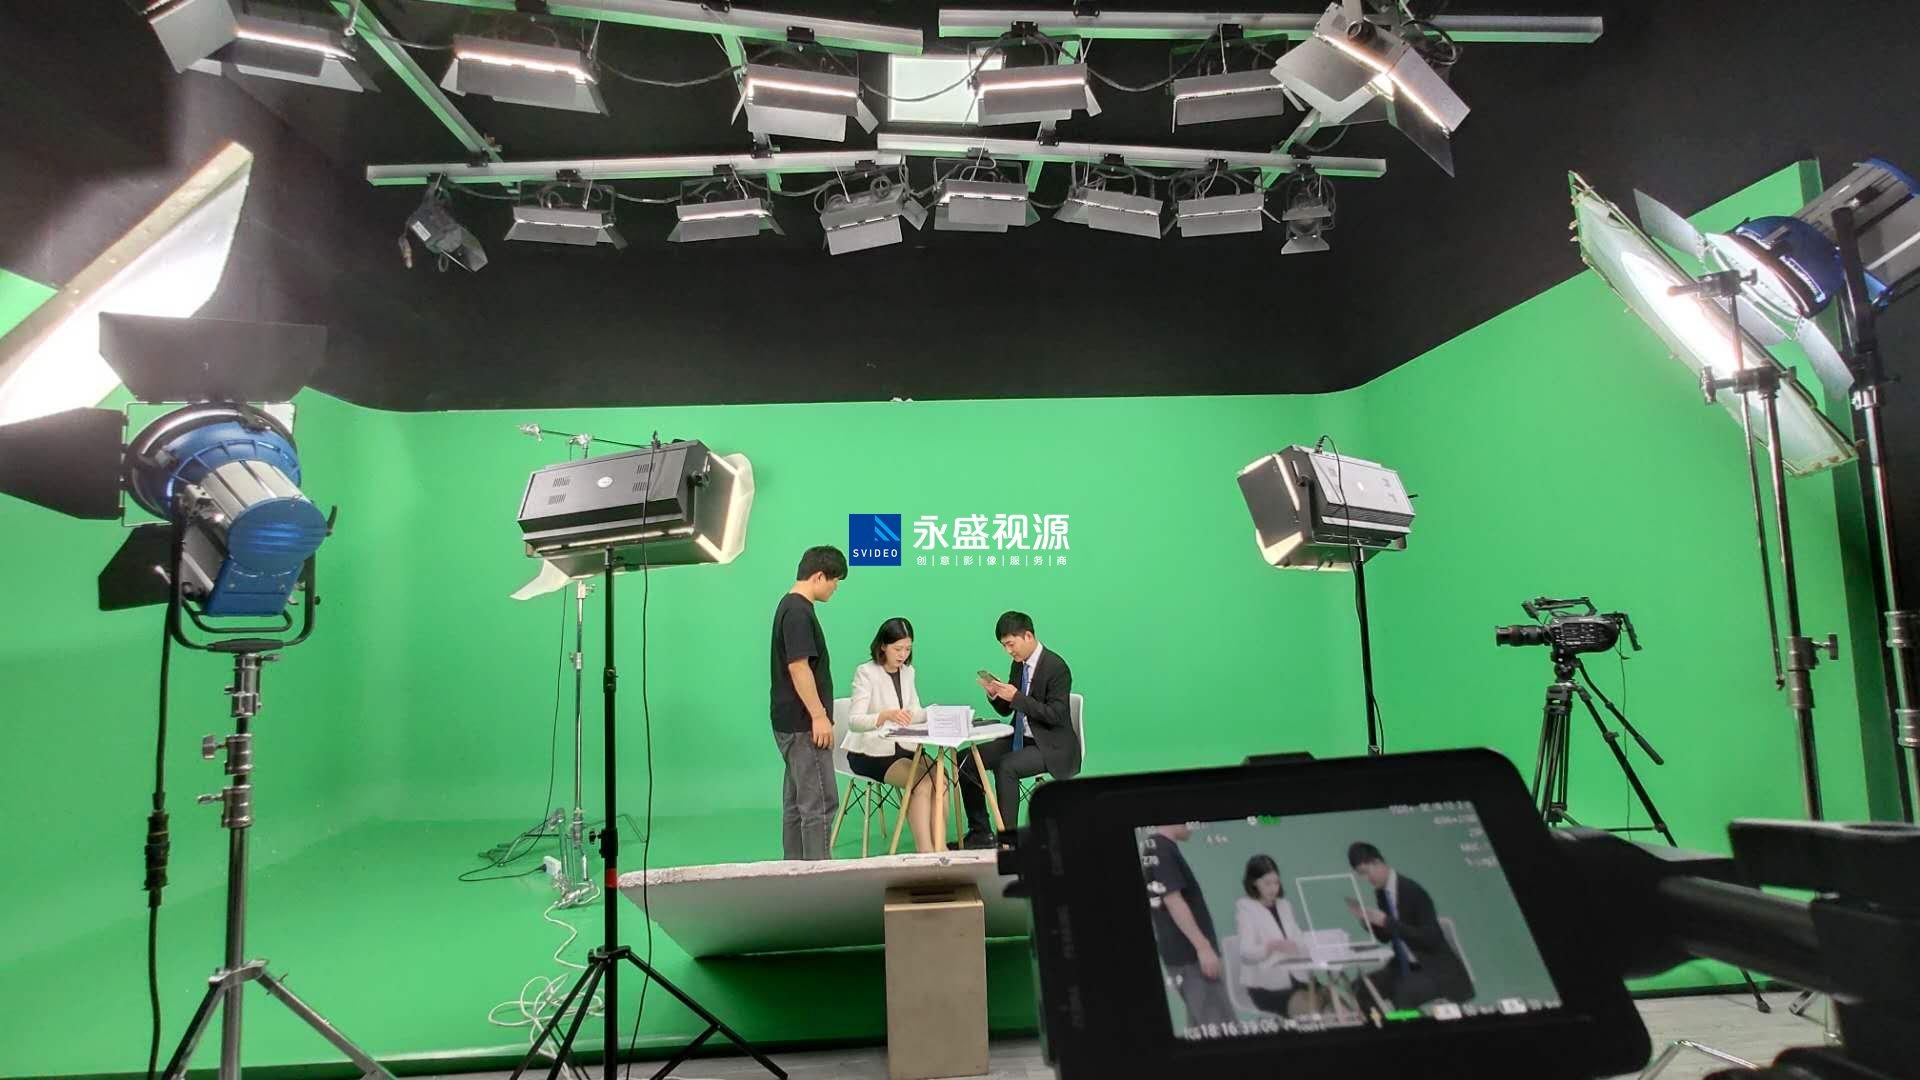 中国人保企业宣传片现场拍摄花絮镜头